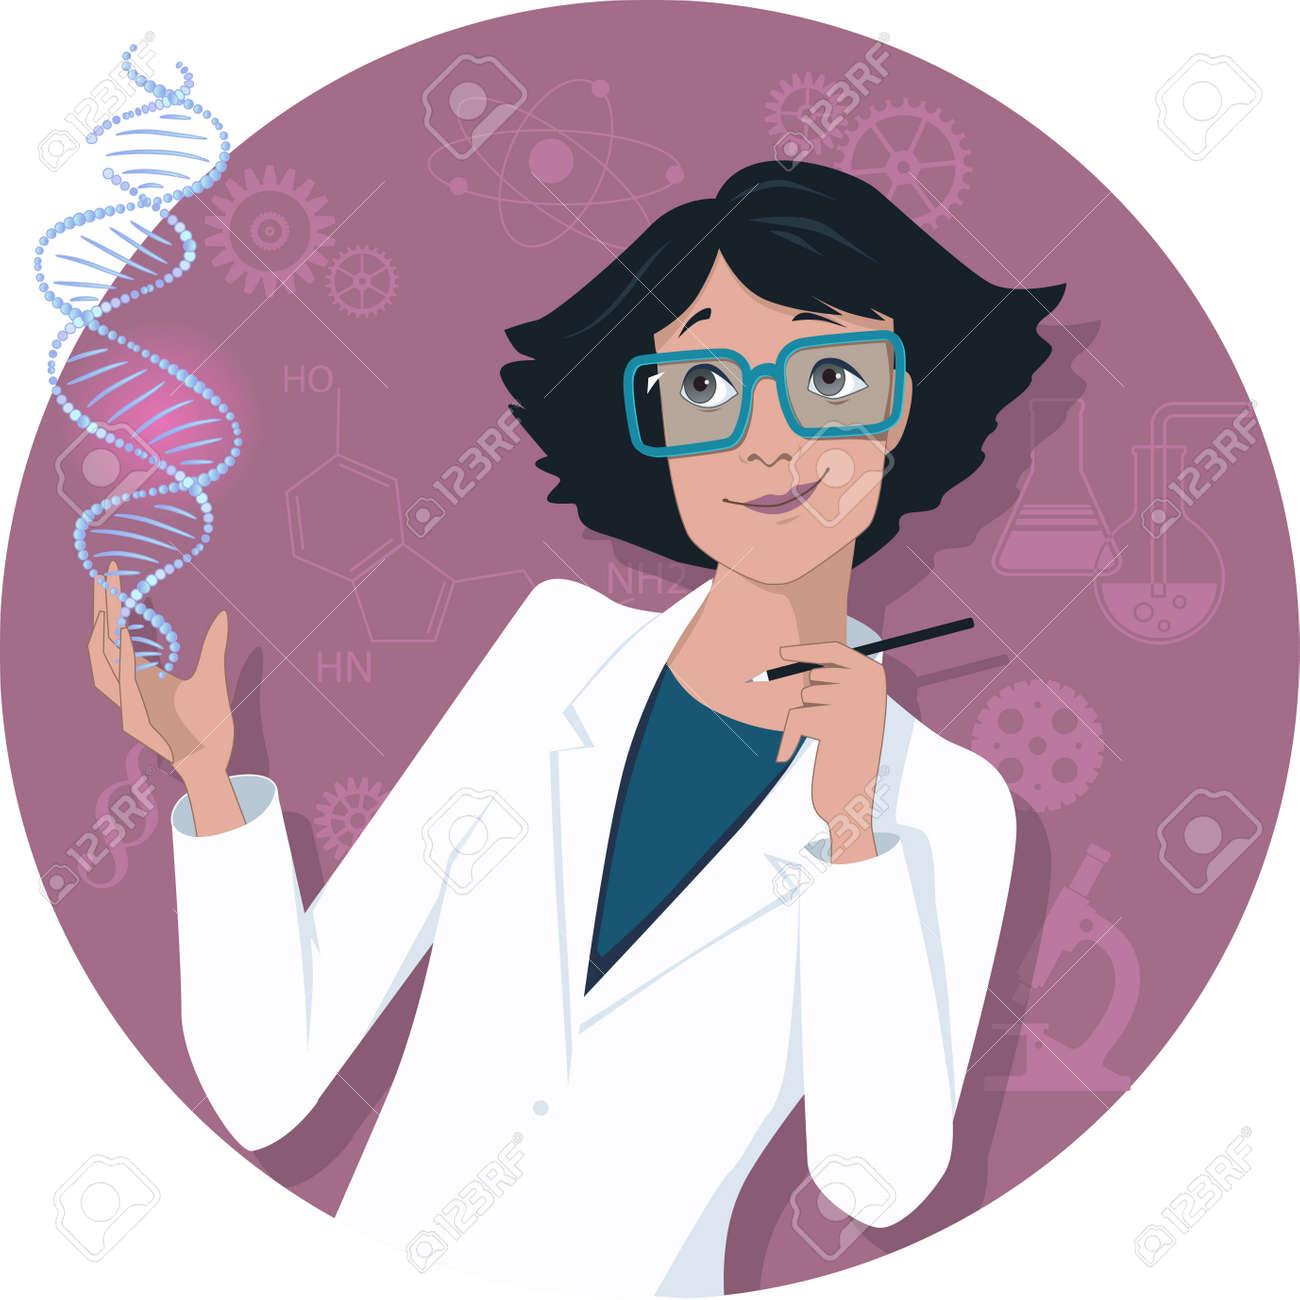 Female scientist - 34553443